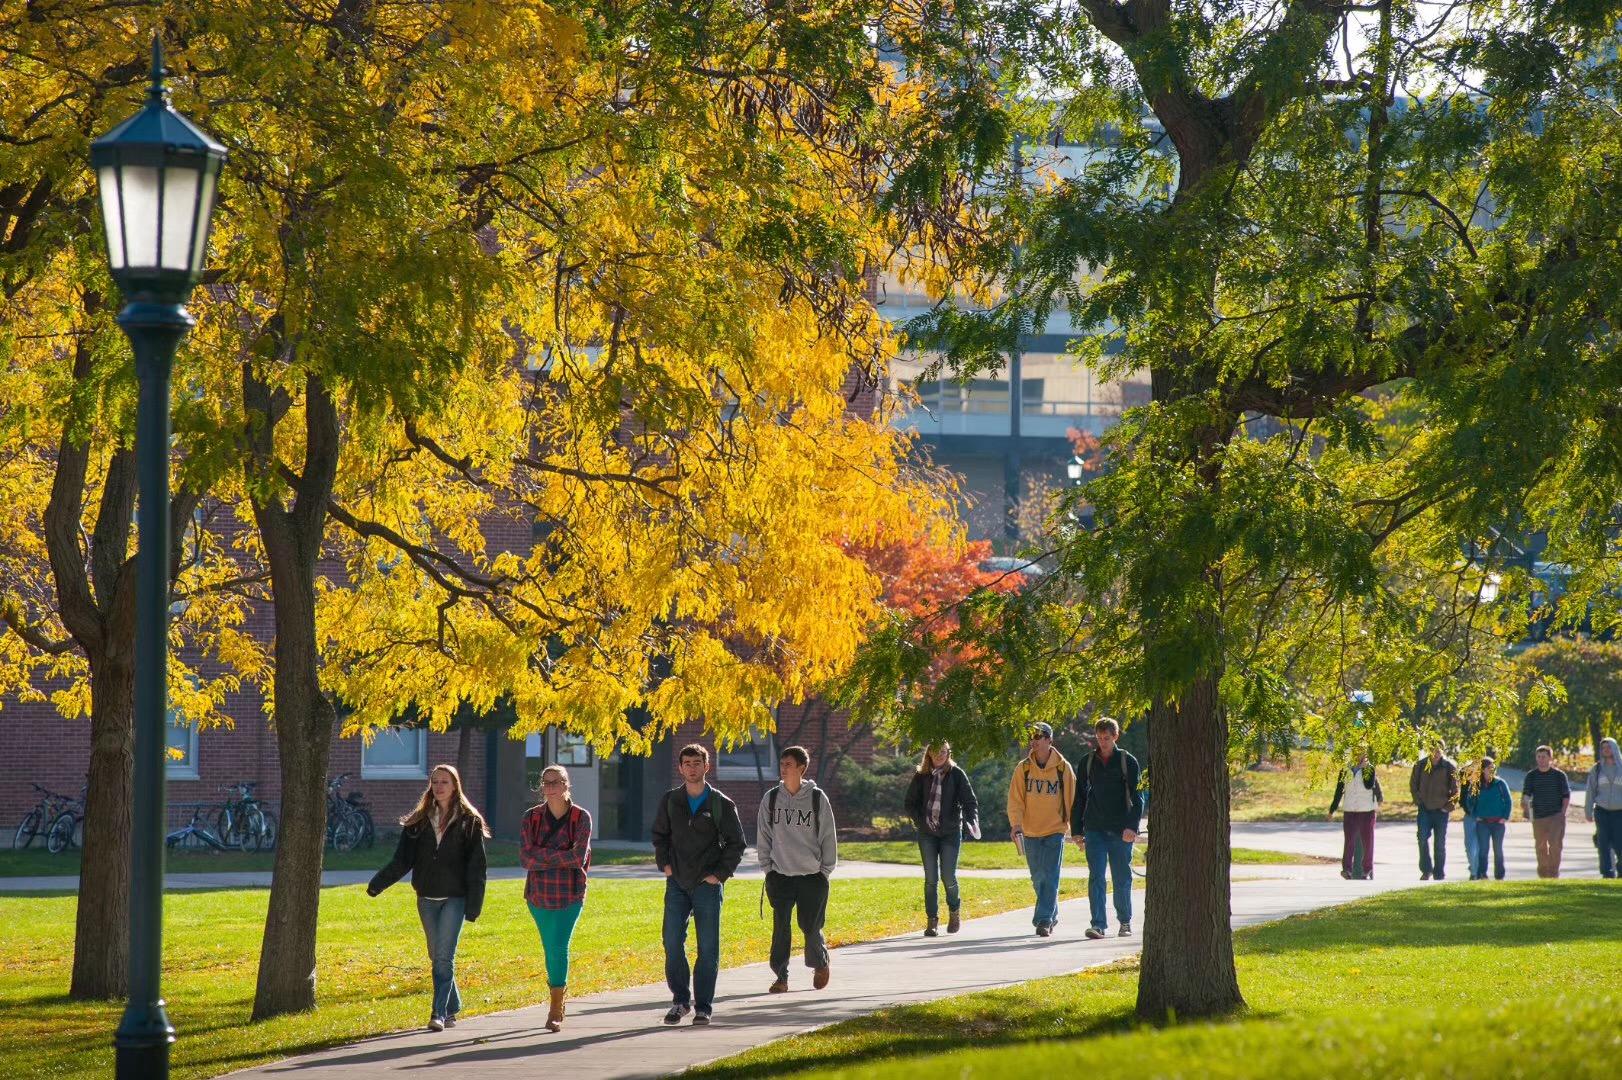 美国发布最新留学数据:国际学生减少18%,中国仍有近40万留美学生